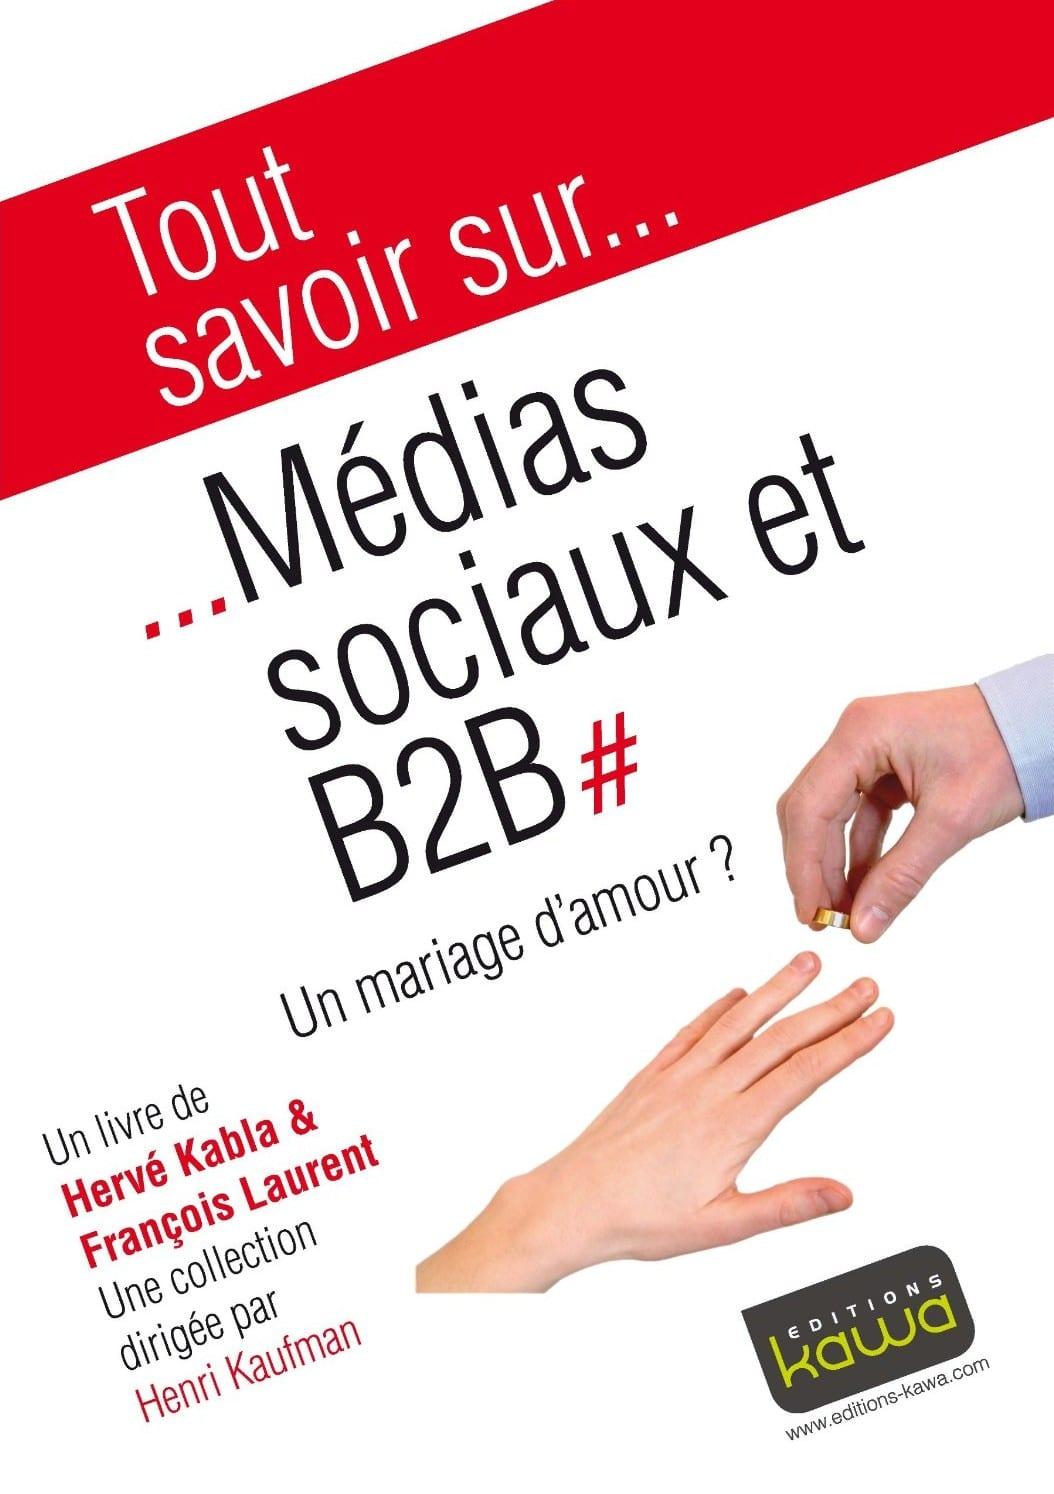 Media Sociaux et B2B, un mariage d'amour ? - Emilie Ogez, Hervé Kabla et Franck Rosenthal 1